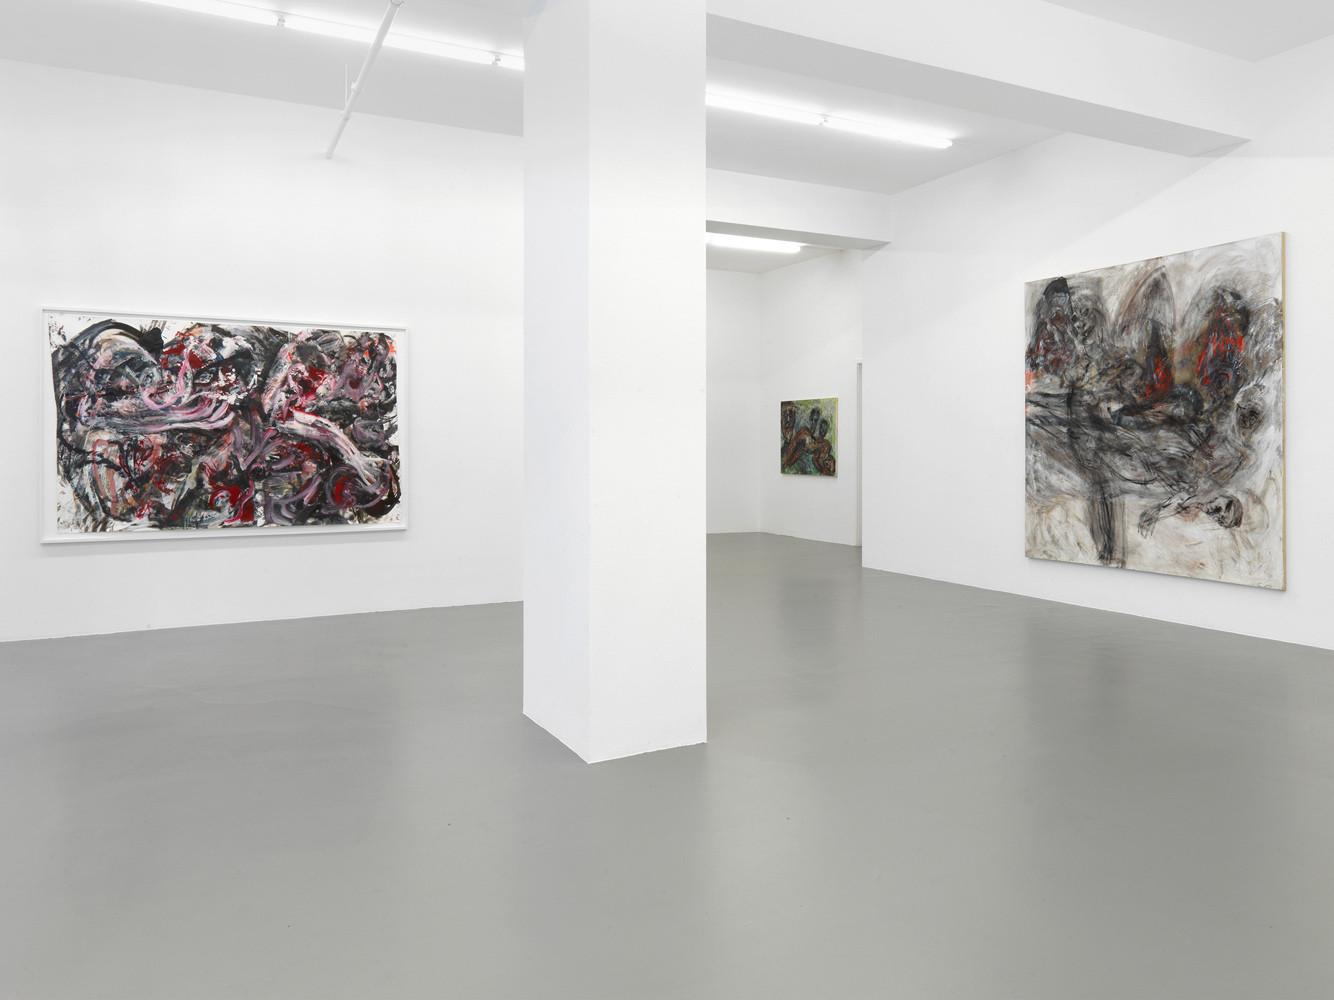 Martin Disler, 'Malerei', Installation view, Buchmann Galerie, 2014